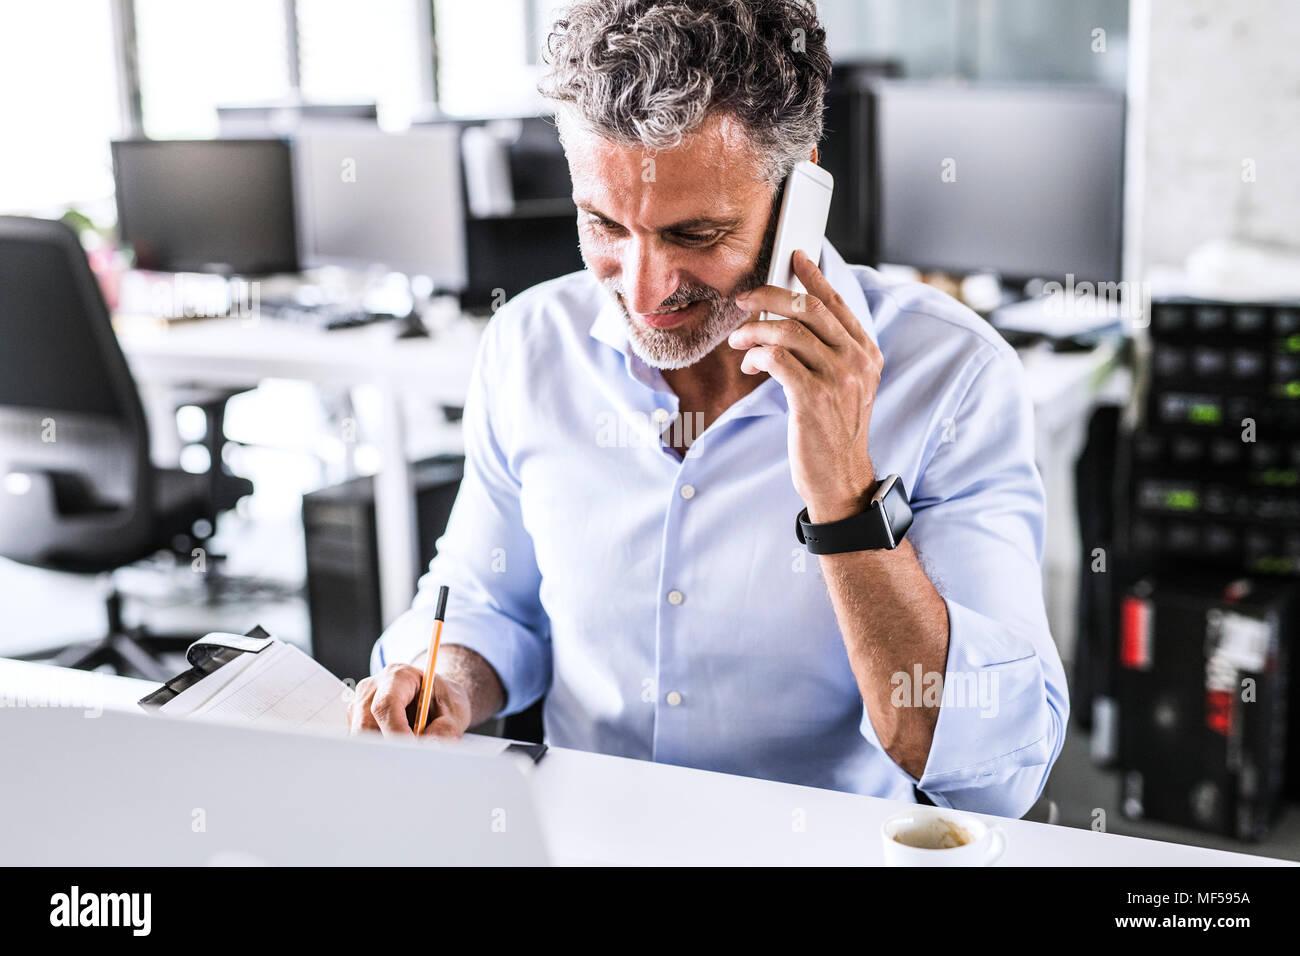 Lächelnd Reife Unternehmer sitzen am Schreibtisch im Büro sprechen auf dem Smartphone Stockbild